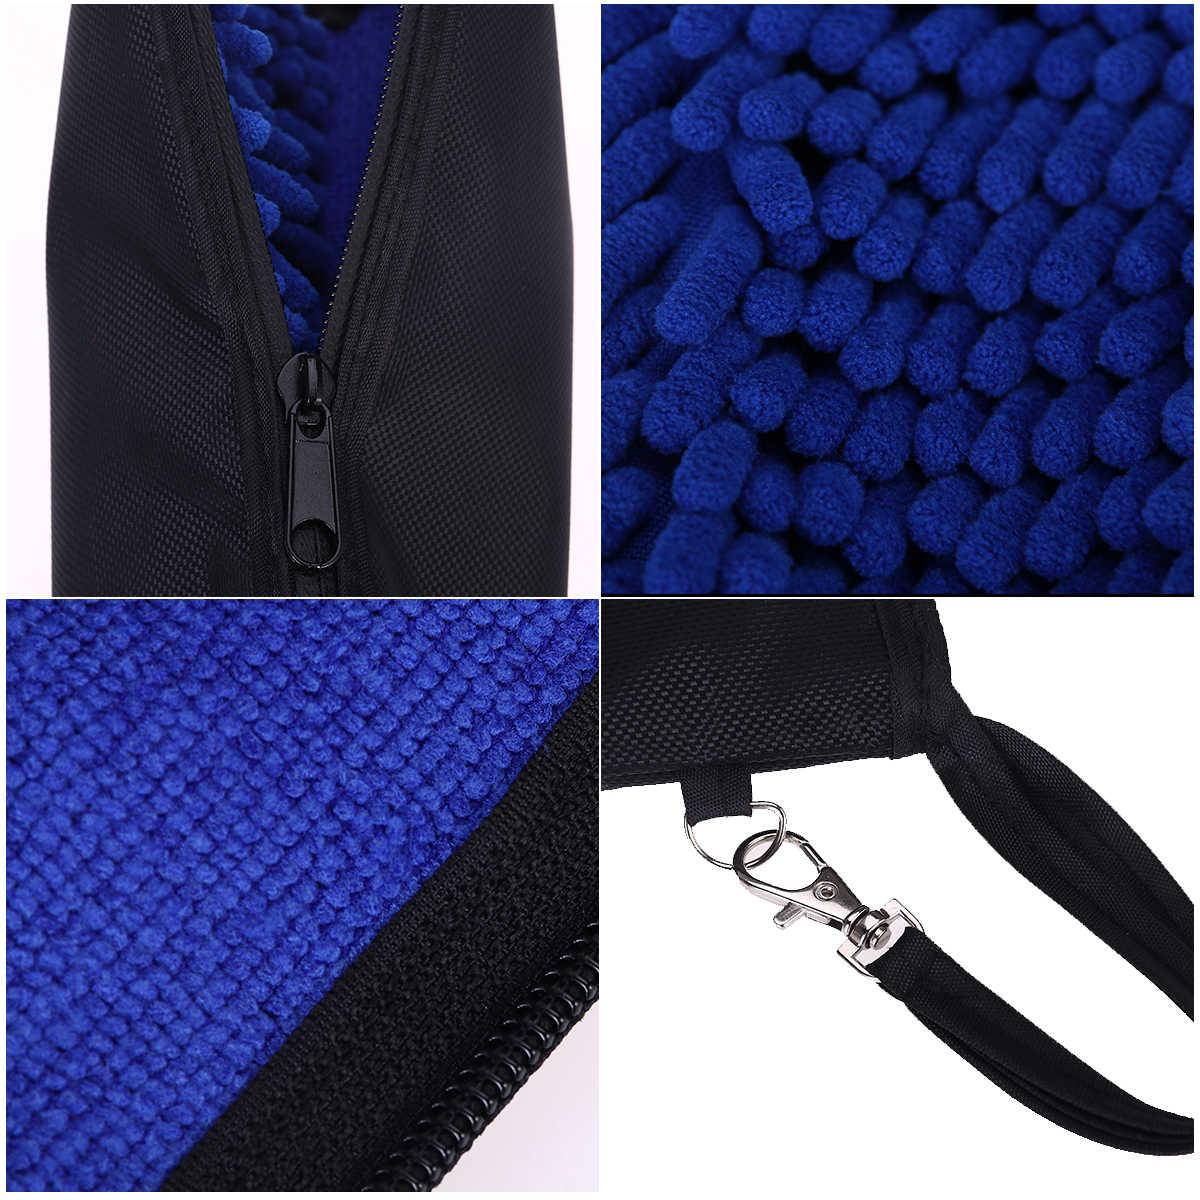 Прочная водопоглощающая вешалка для зонтов и сумок, замок ЗИП-Лок, портативный чехол (синий)